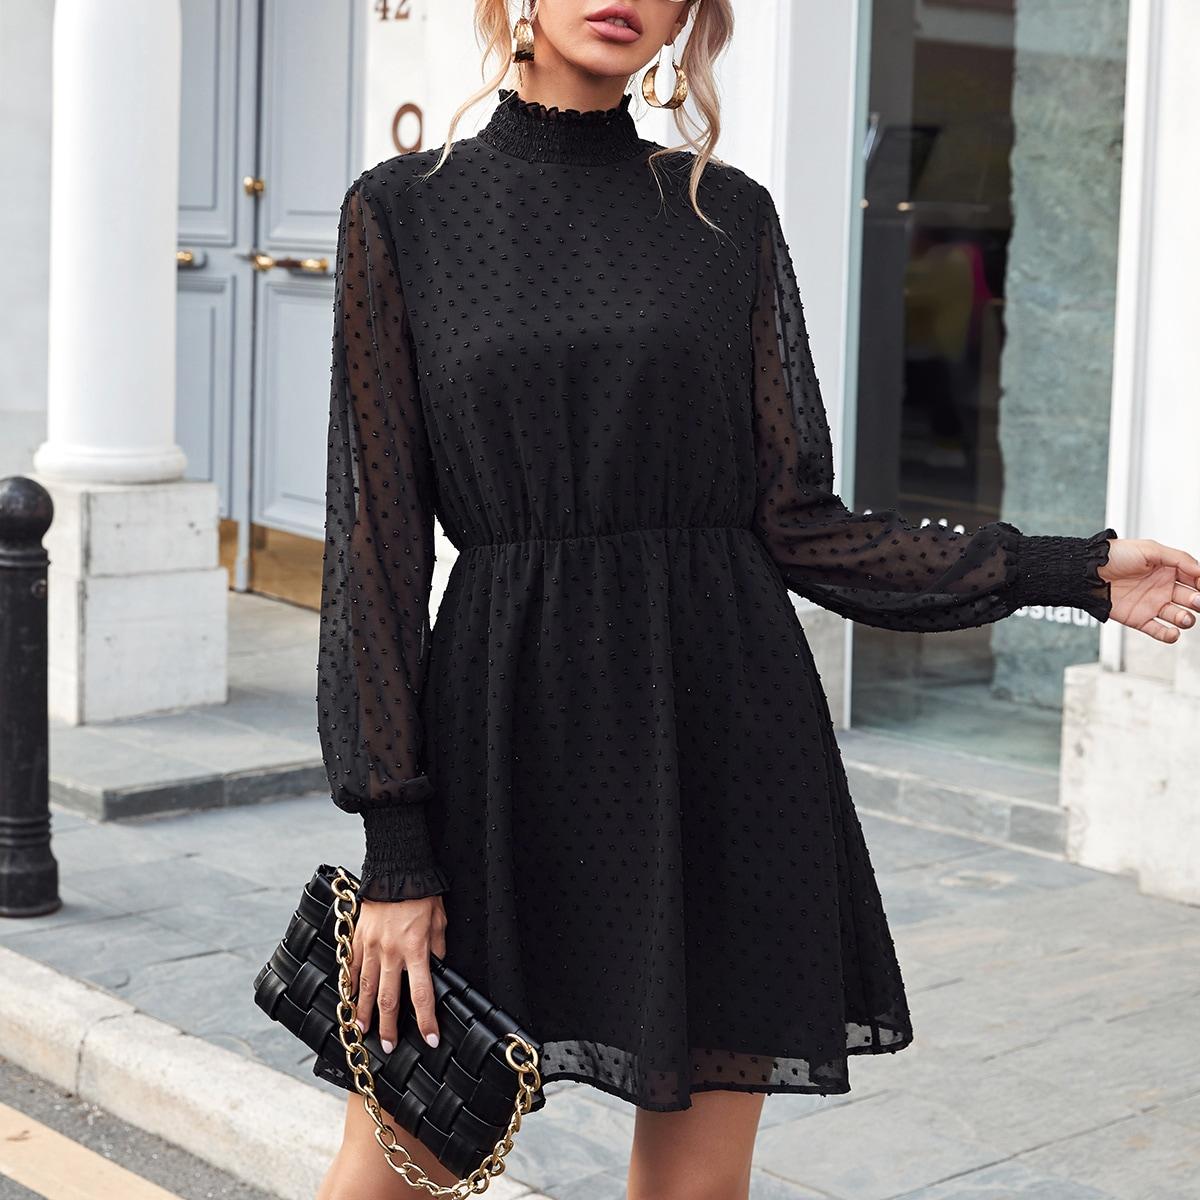 Shirred Detail Swiss Dot Chiffon Dress